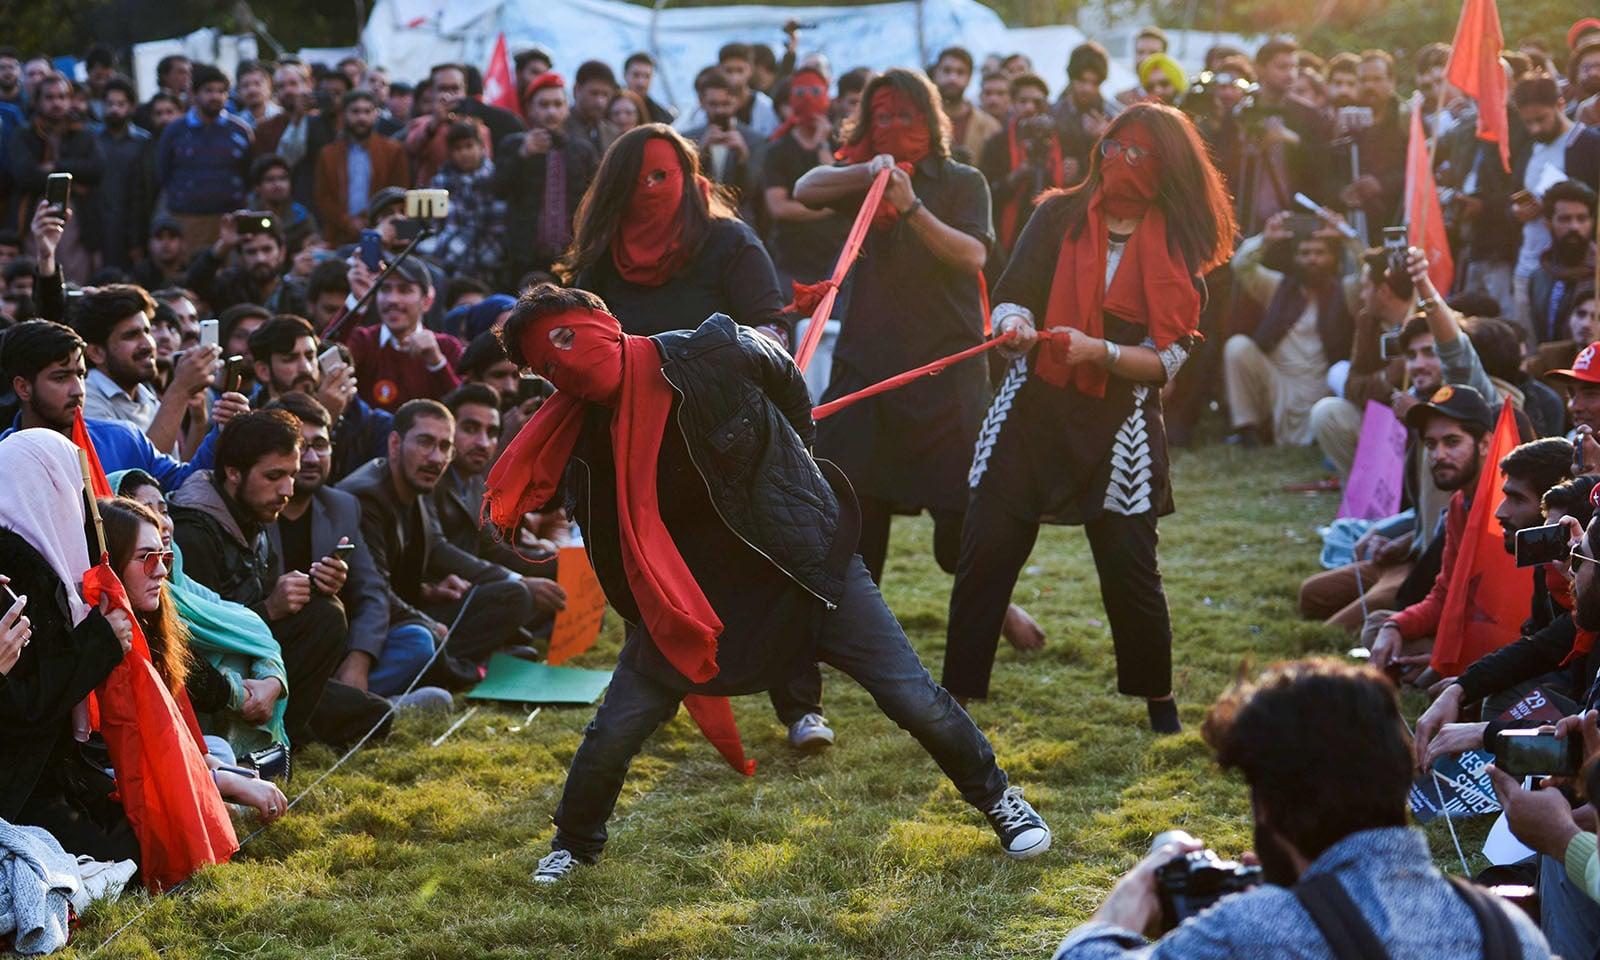 اسلام آباد میں ہونے والے مارچ میں تھیٹر پلے کے ذریعے مظاہرین نے تعلیم کی اہمیت کو اجاگر کیا — فوٹو: اے ایف پی